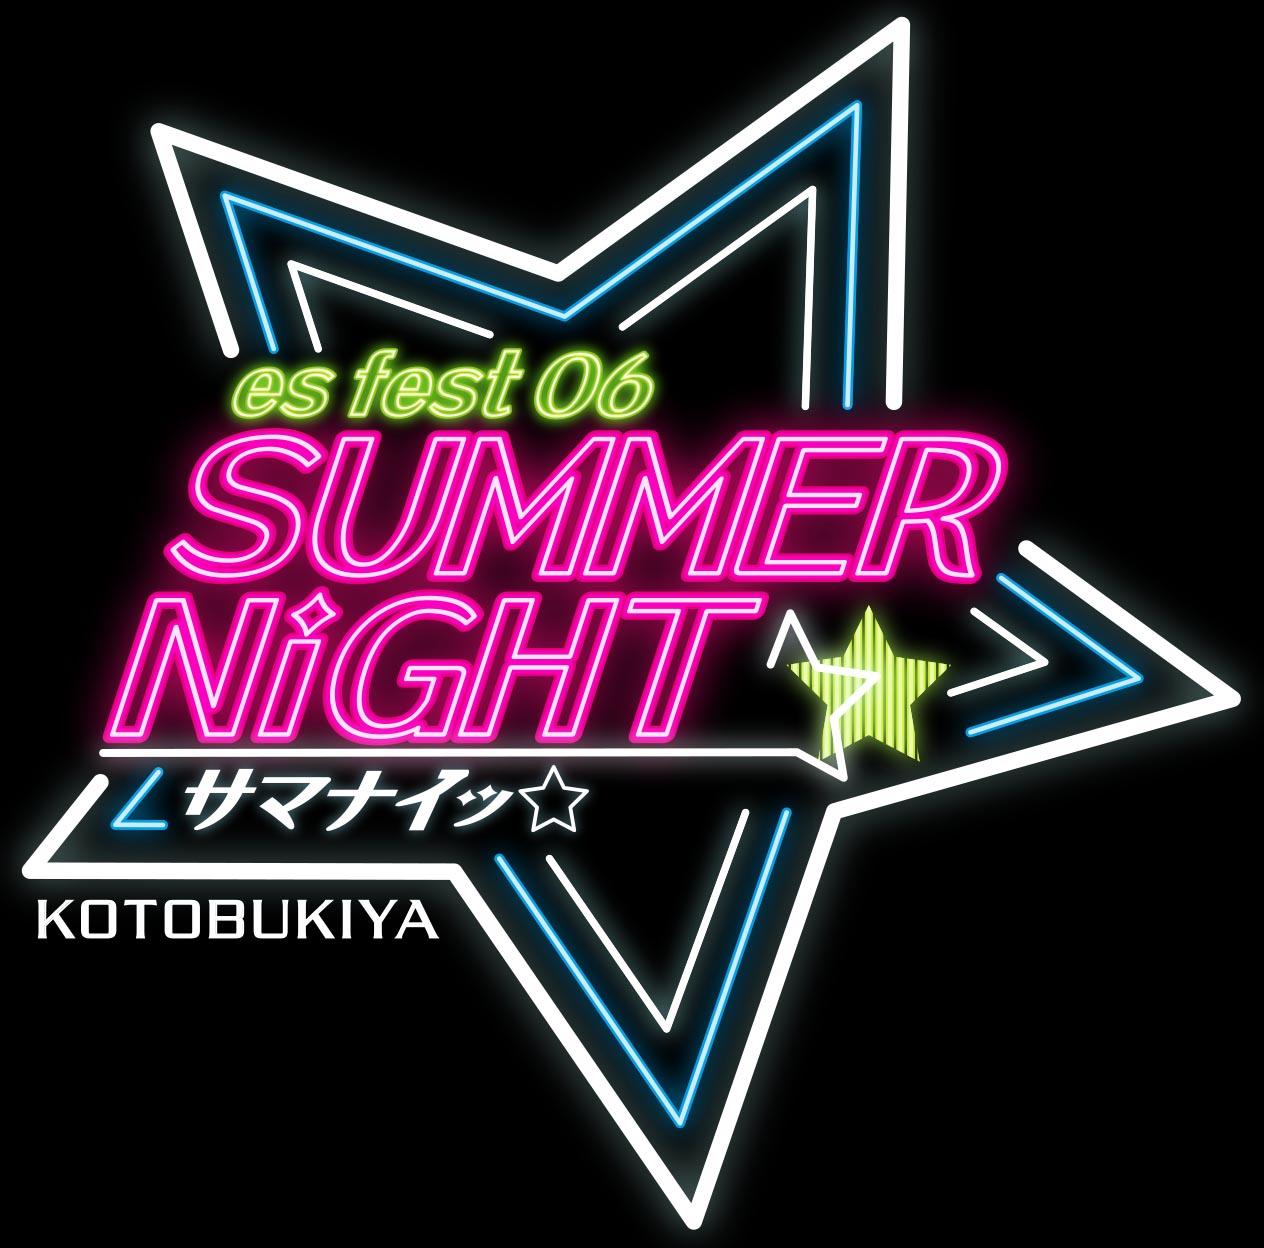 【8月26日(金)】es fest 06 SUMMER NiGHT~サマナイッ☆~